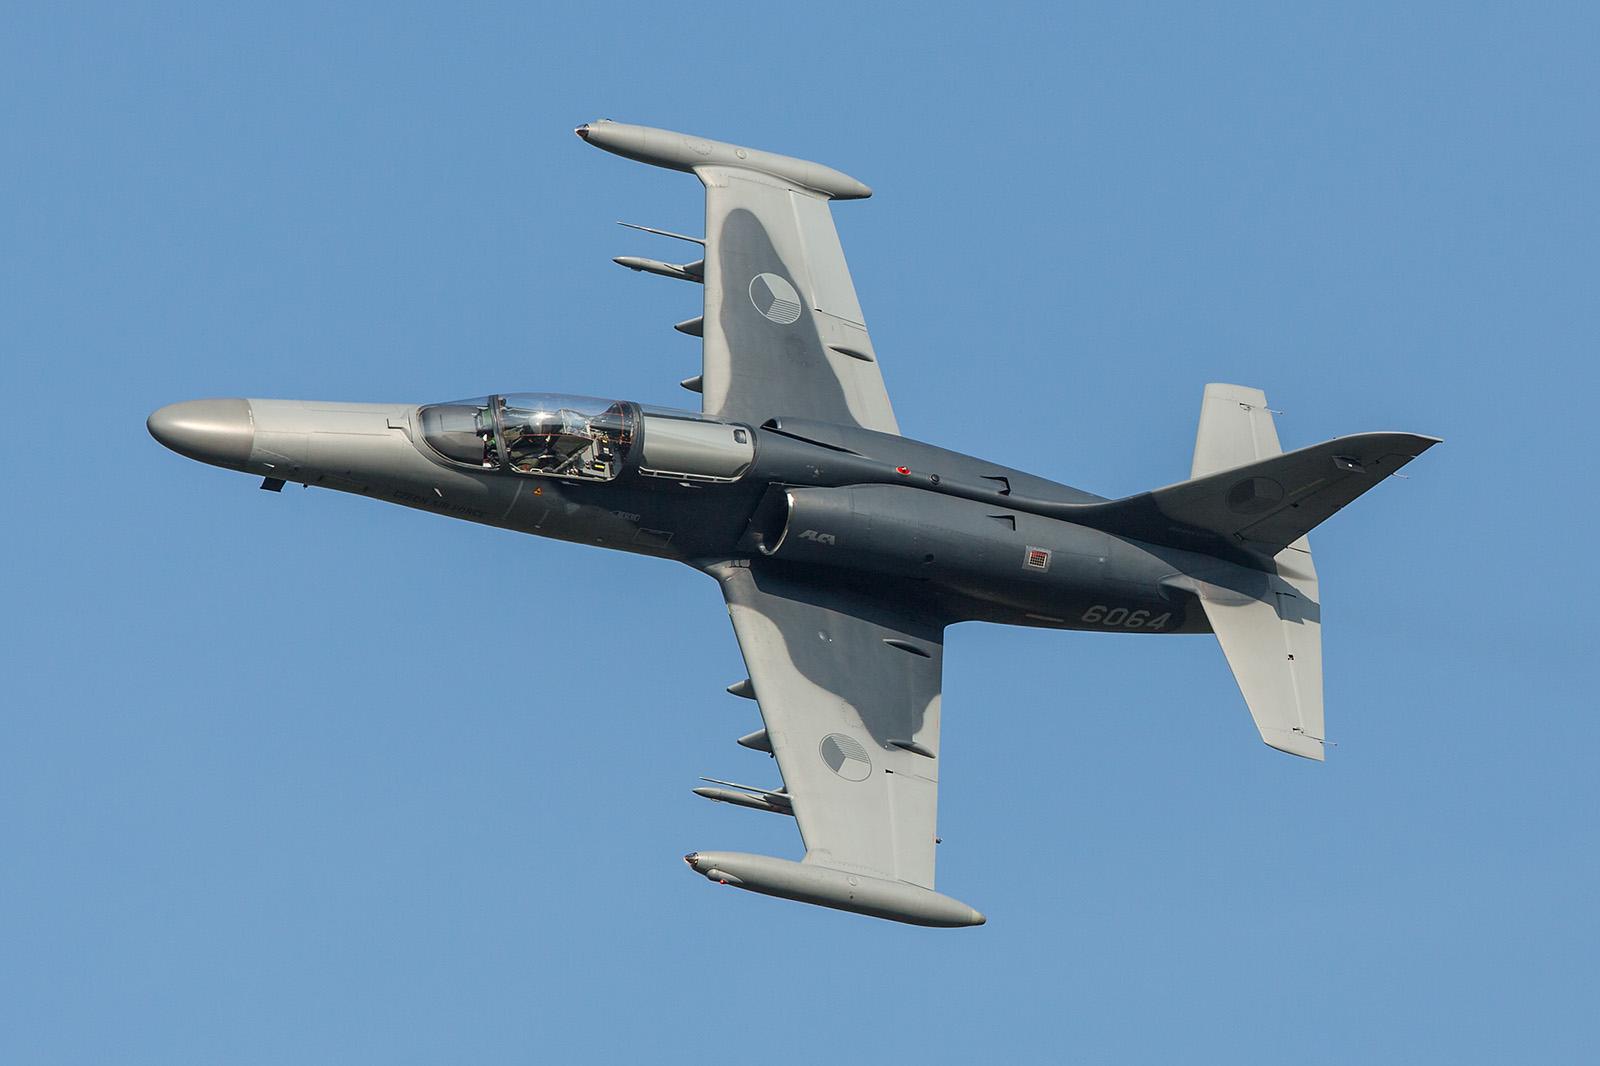 Zwei Aero L-159ALCA zeigten im Display den Angriff auf Bodenziele.